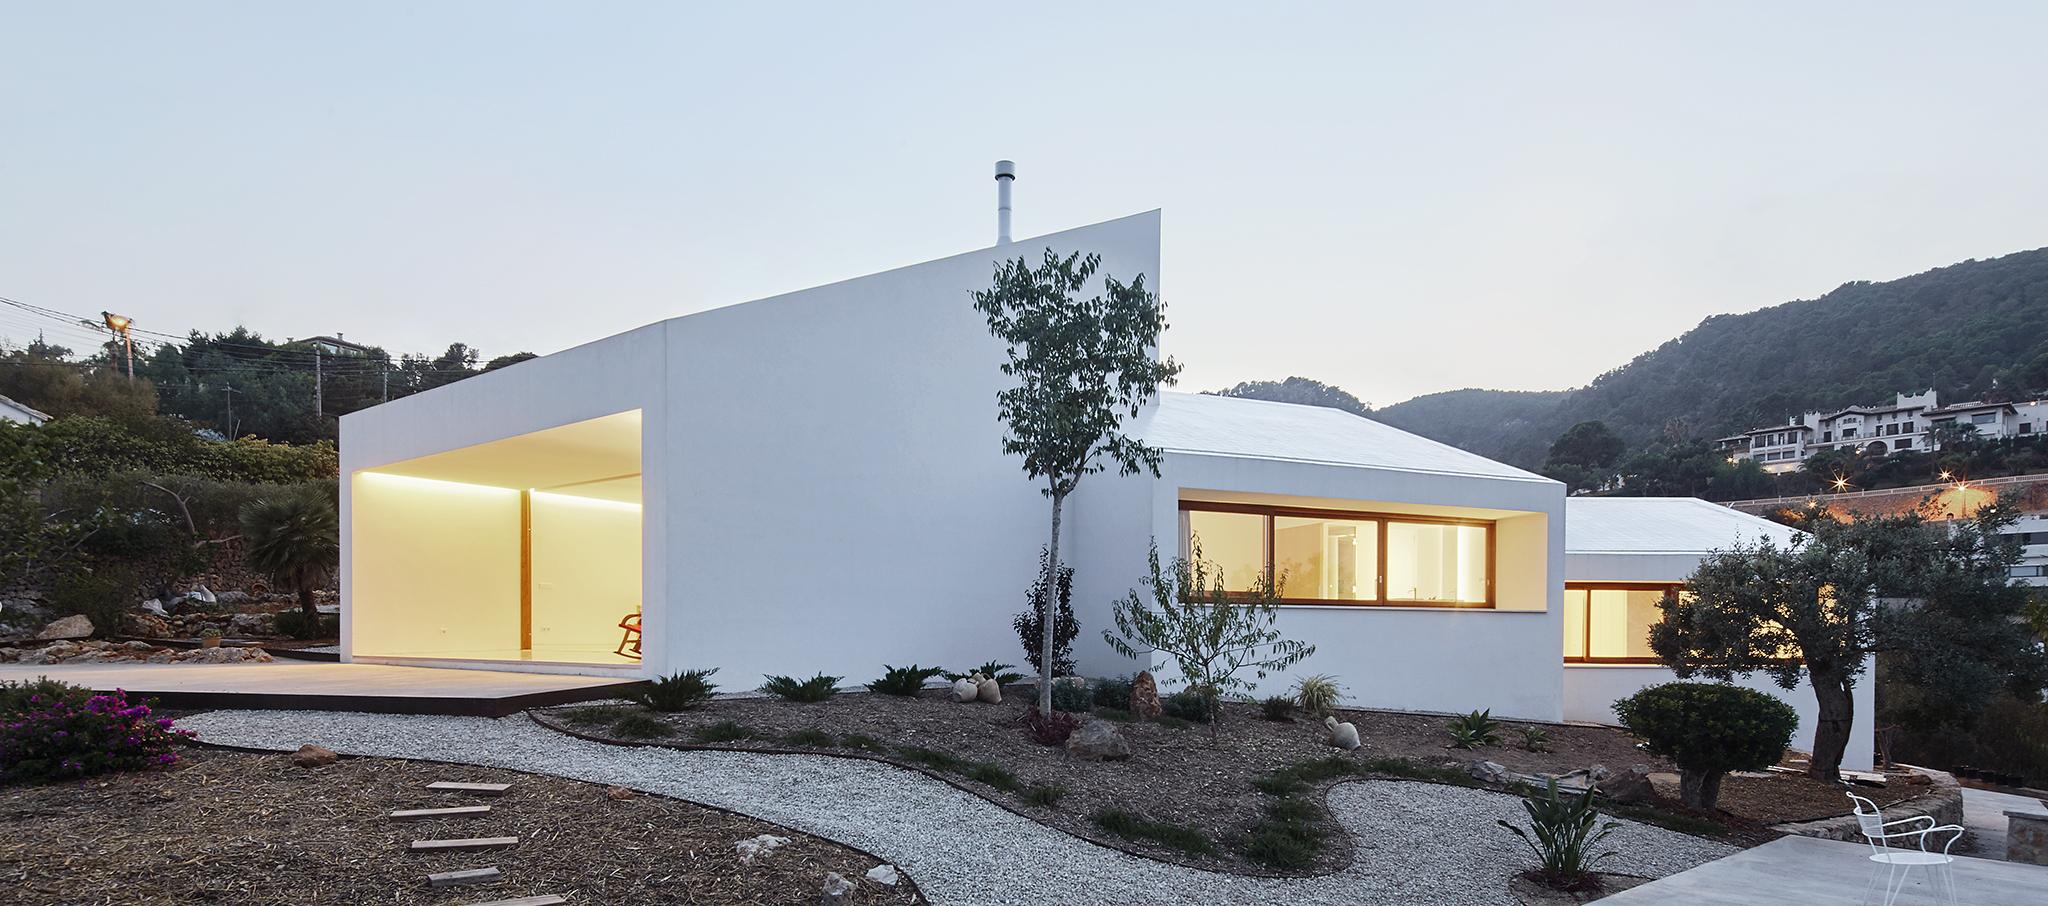 Casa MM por OHLAB. Fotografía © José Hevia.